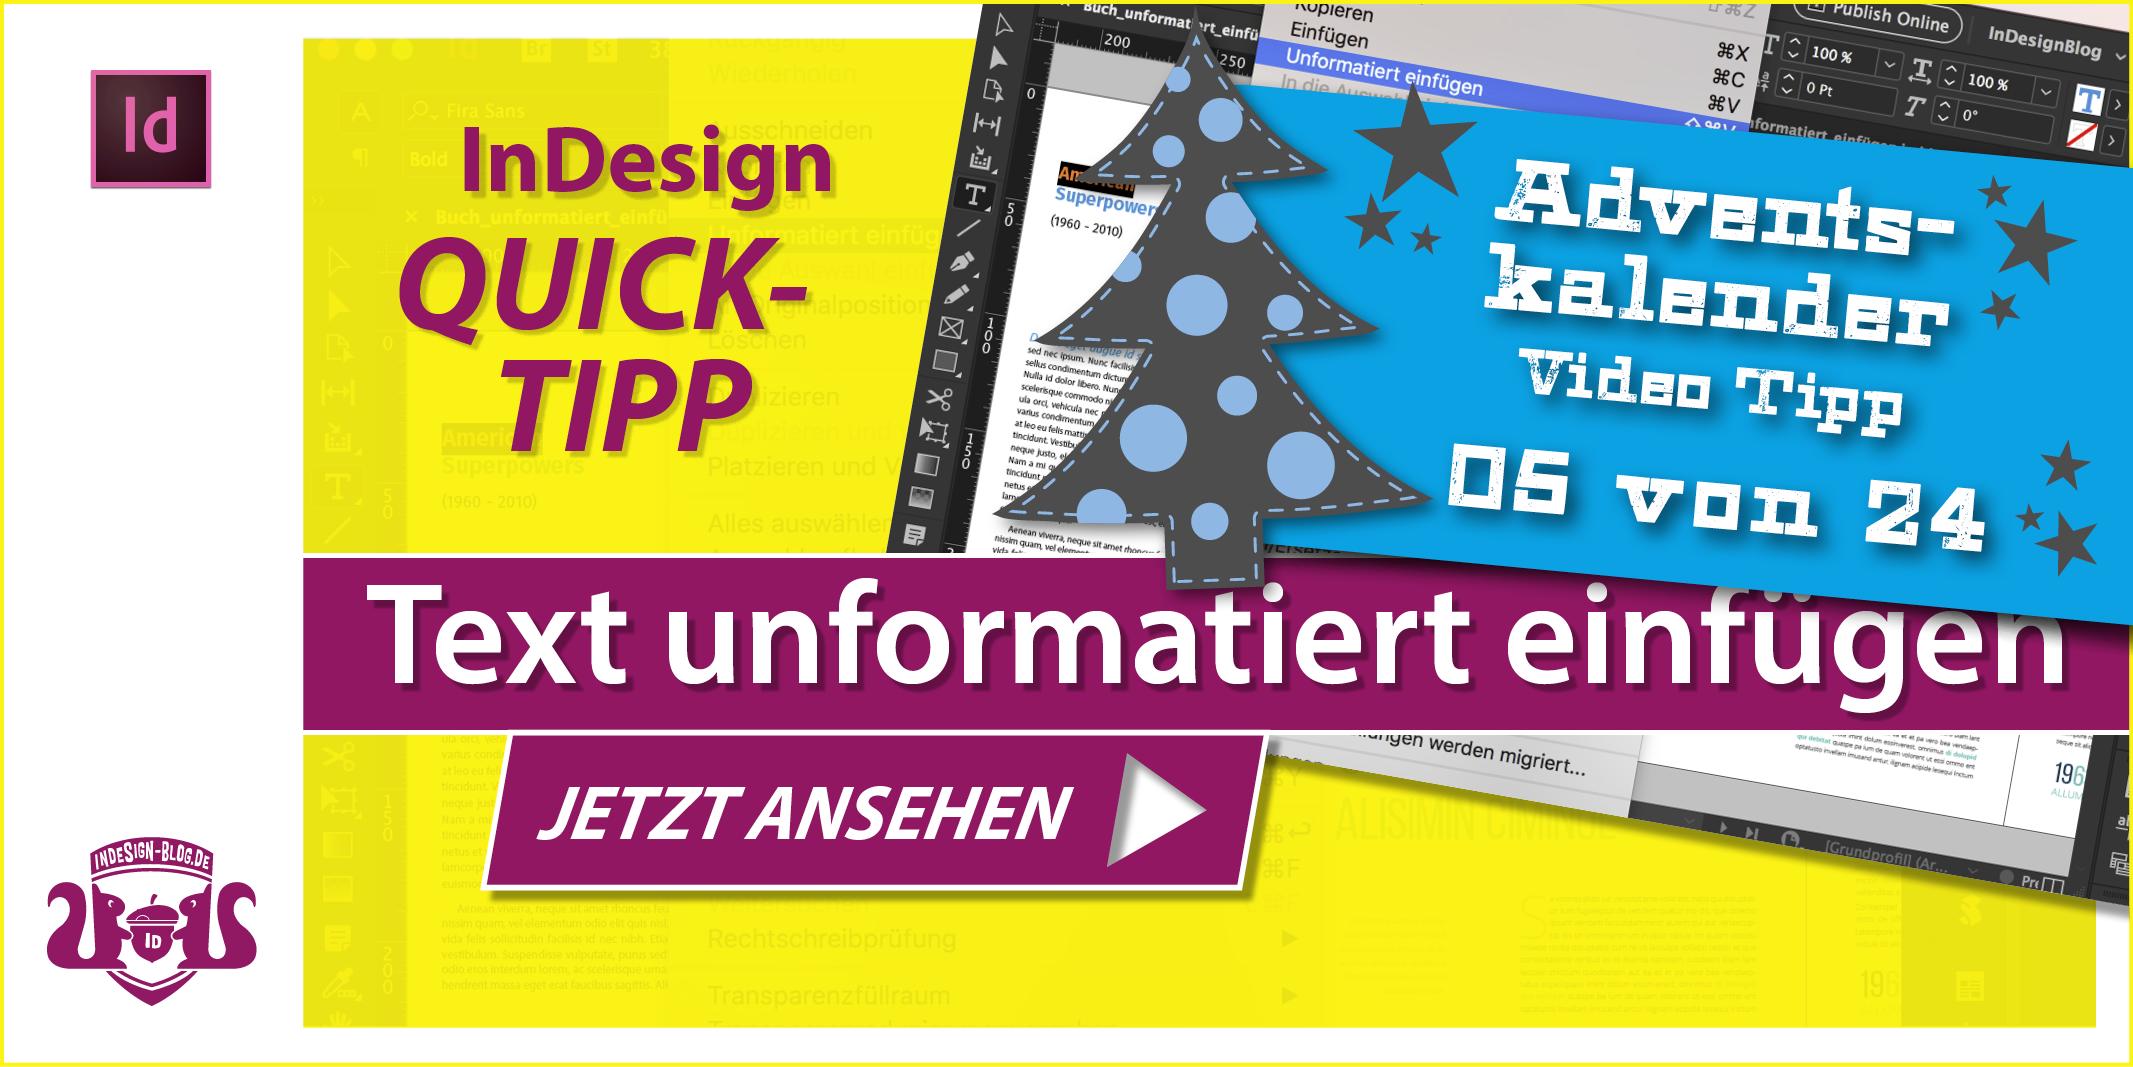 Thumbnail Quicktipp Text unformatiert einfügen in InDesign